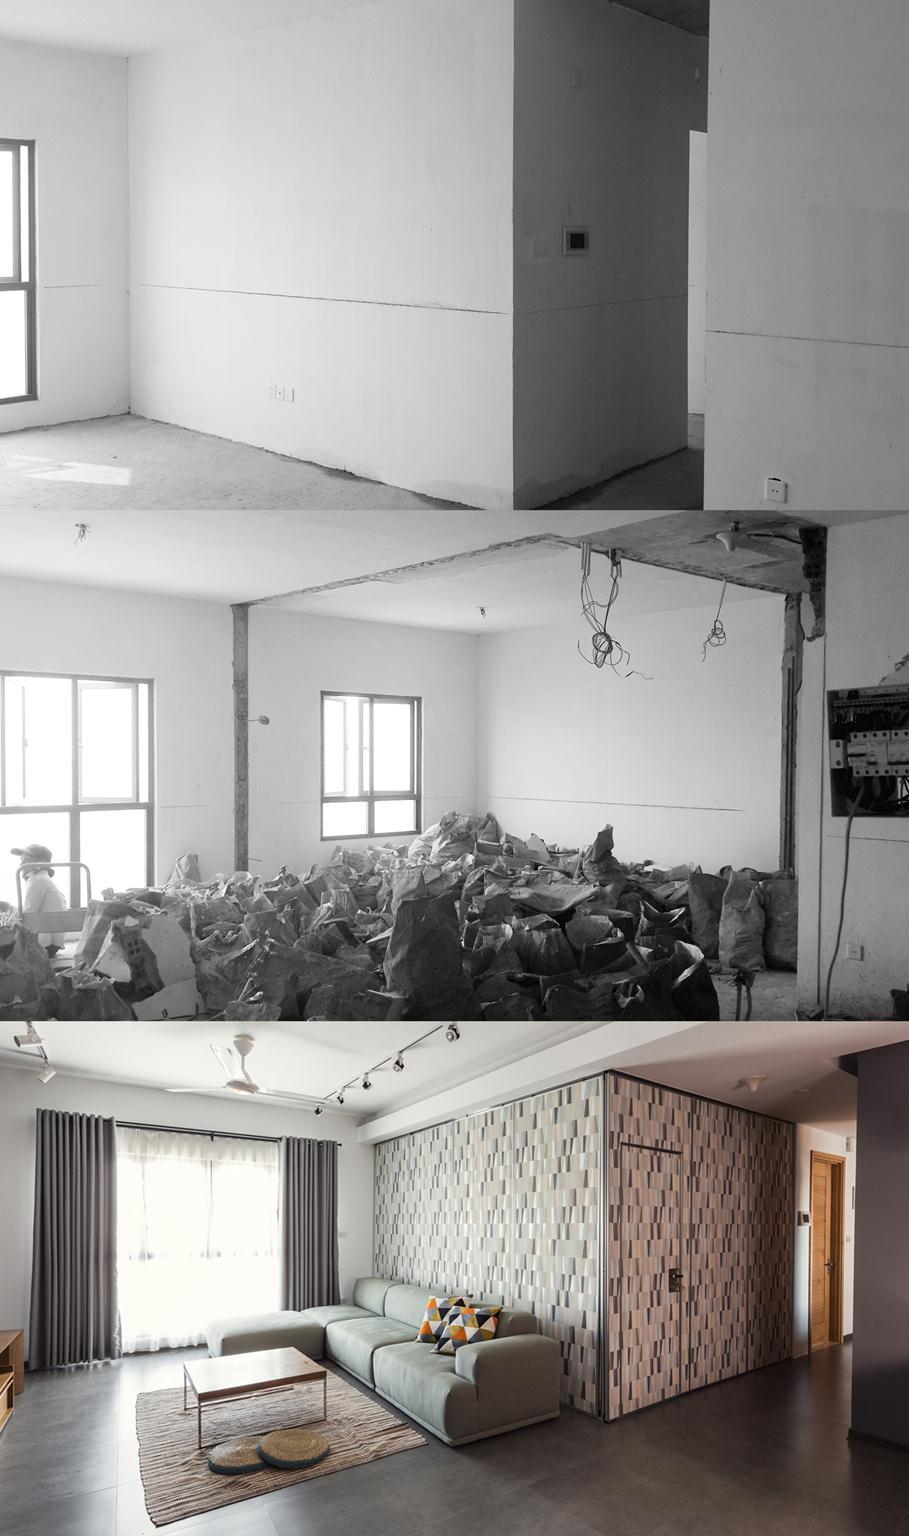 Căn hộ trước, trong và sau khi cải tạo